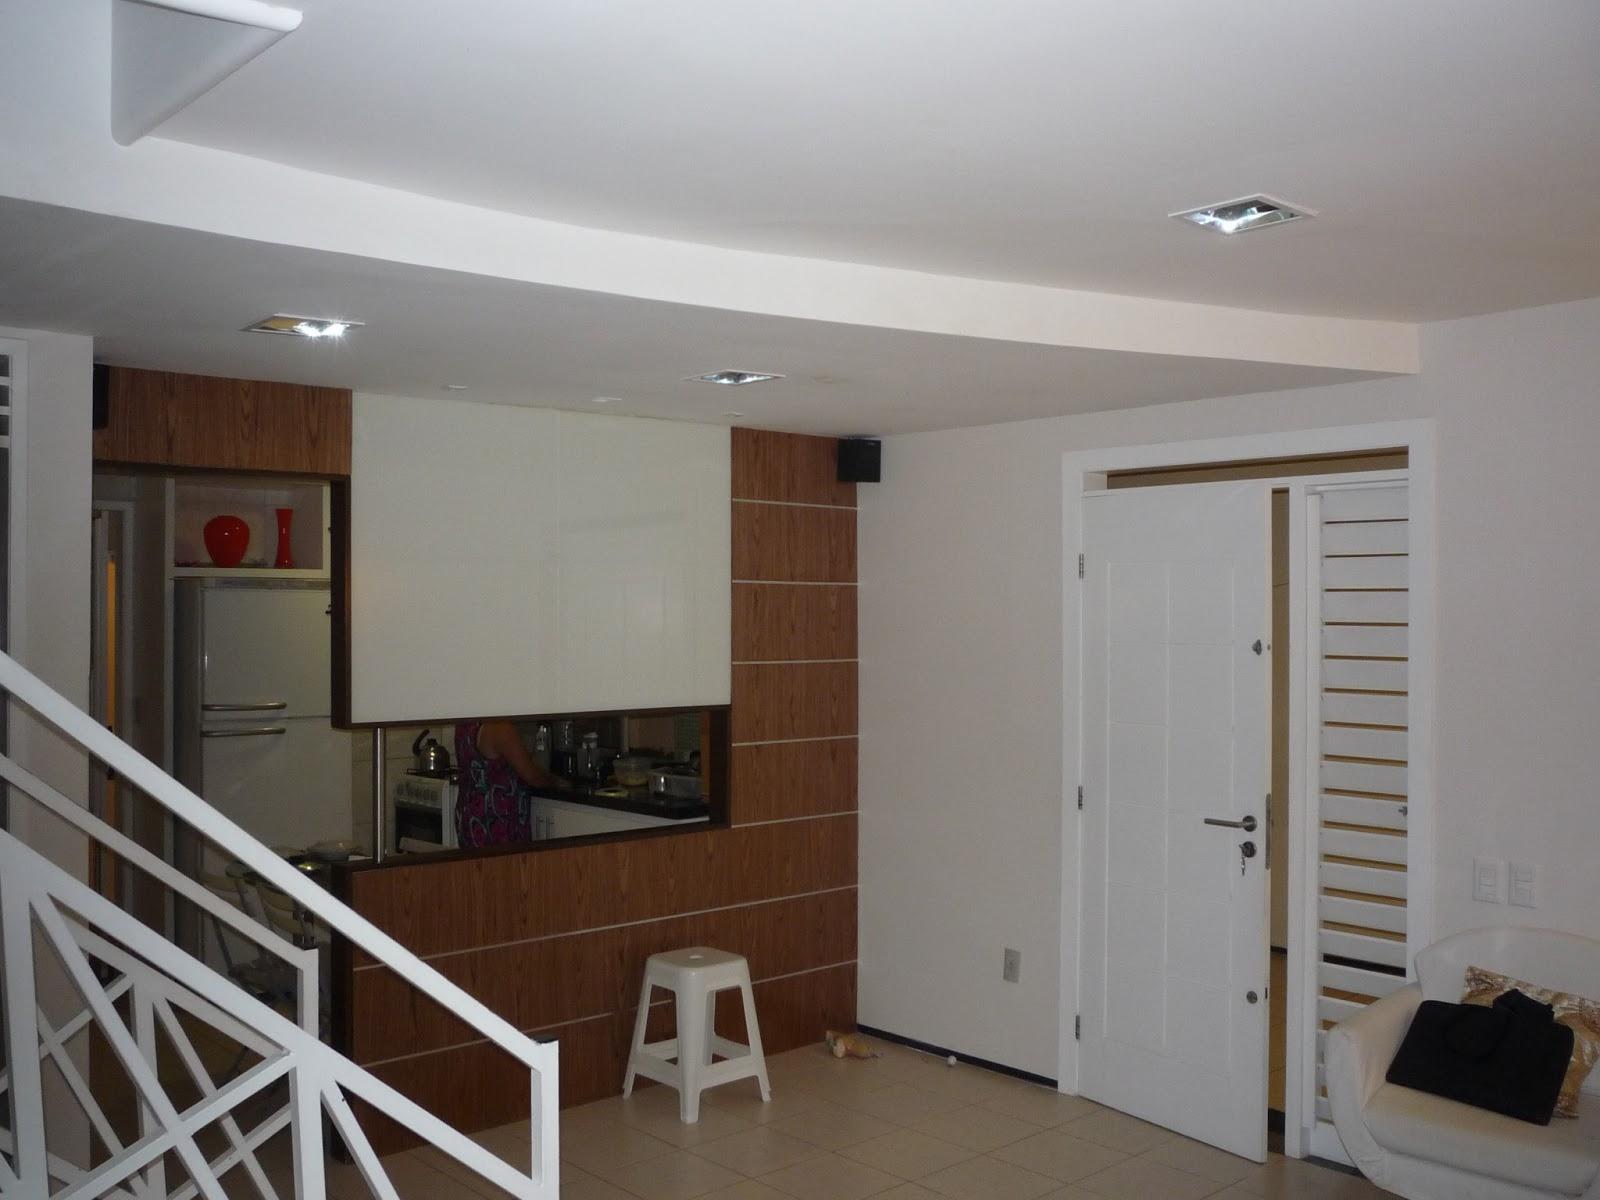 Arquitetura & Interiores: ANTES E DEPOIS: COZINHA SOBRADO ÁGUA FRIA #38291F 1600 1200